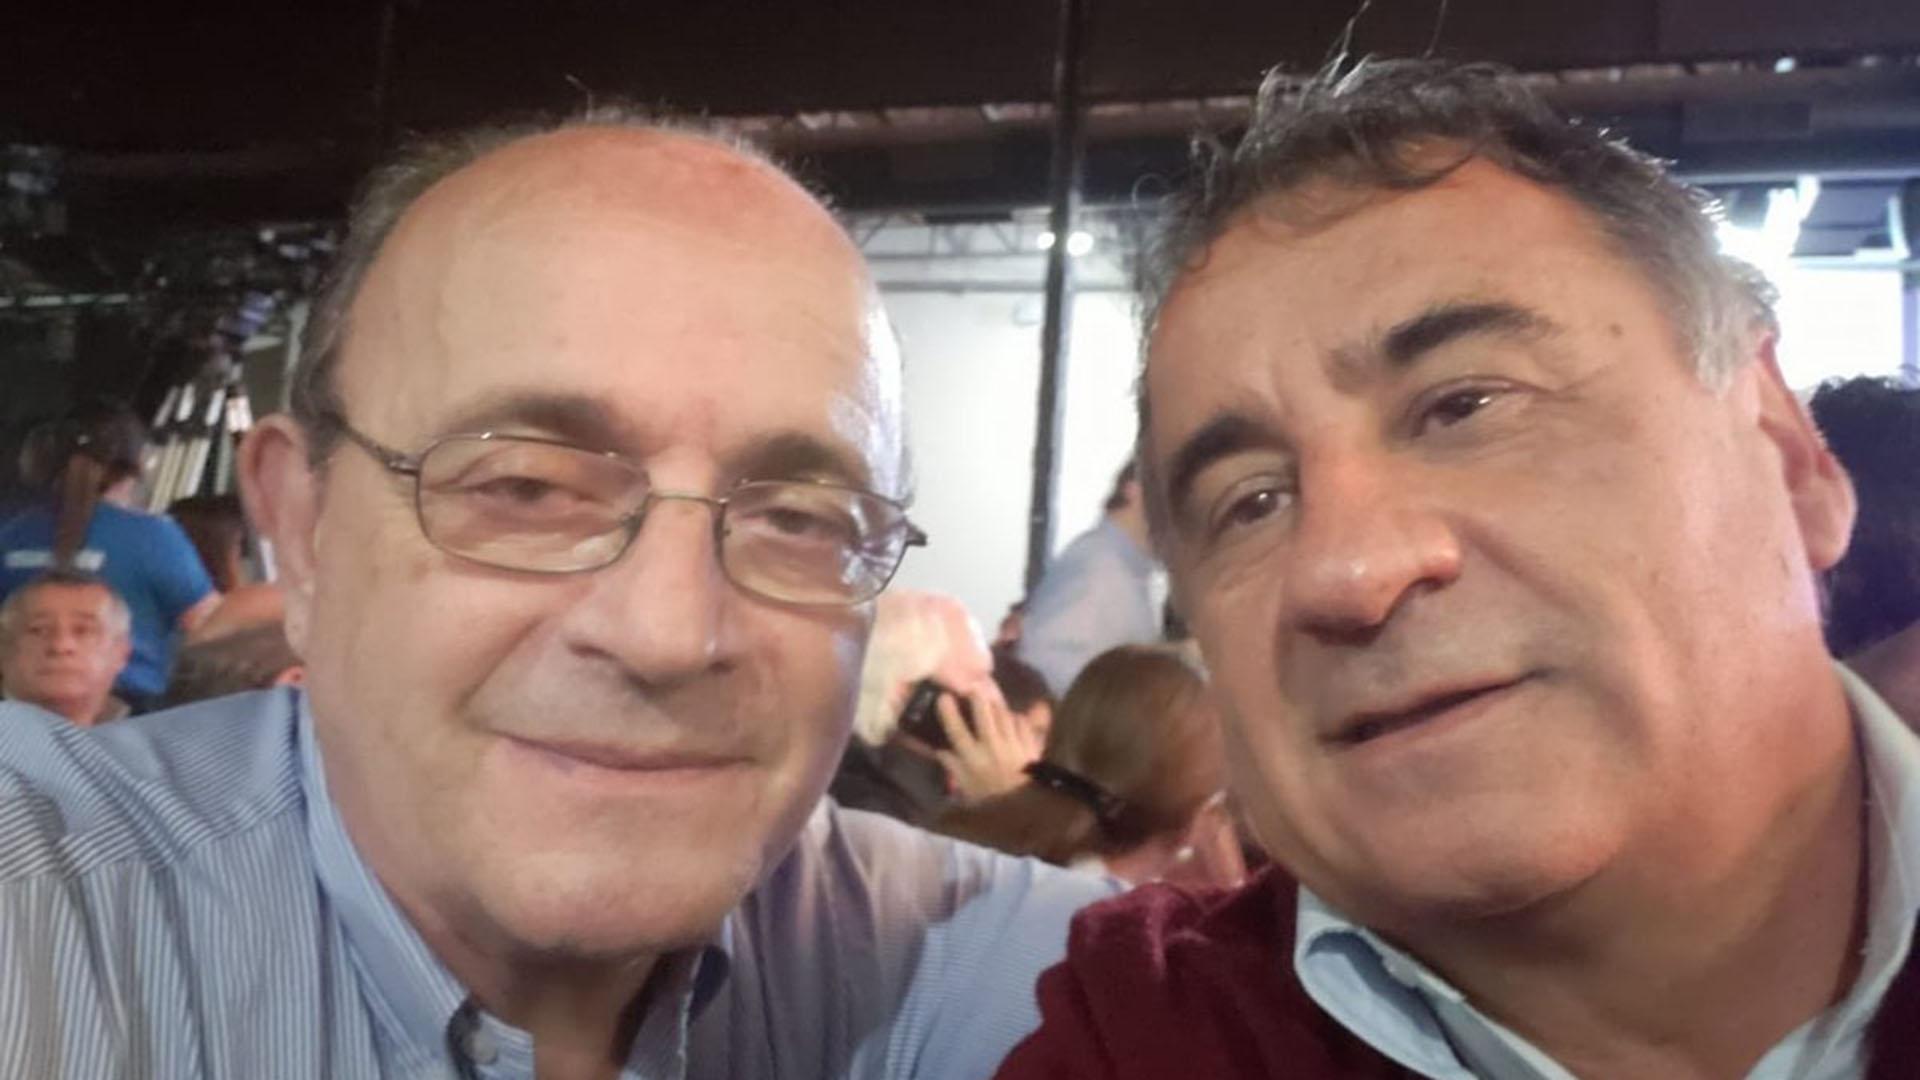 El diputado nacional Leopoldo Moreau junto a Depetri (@EdgardoDepetri)